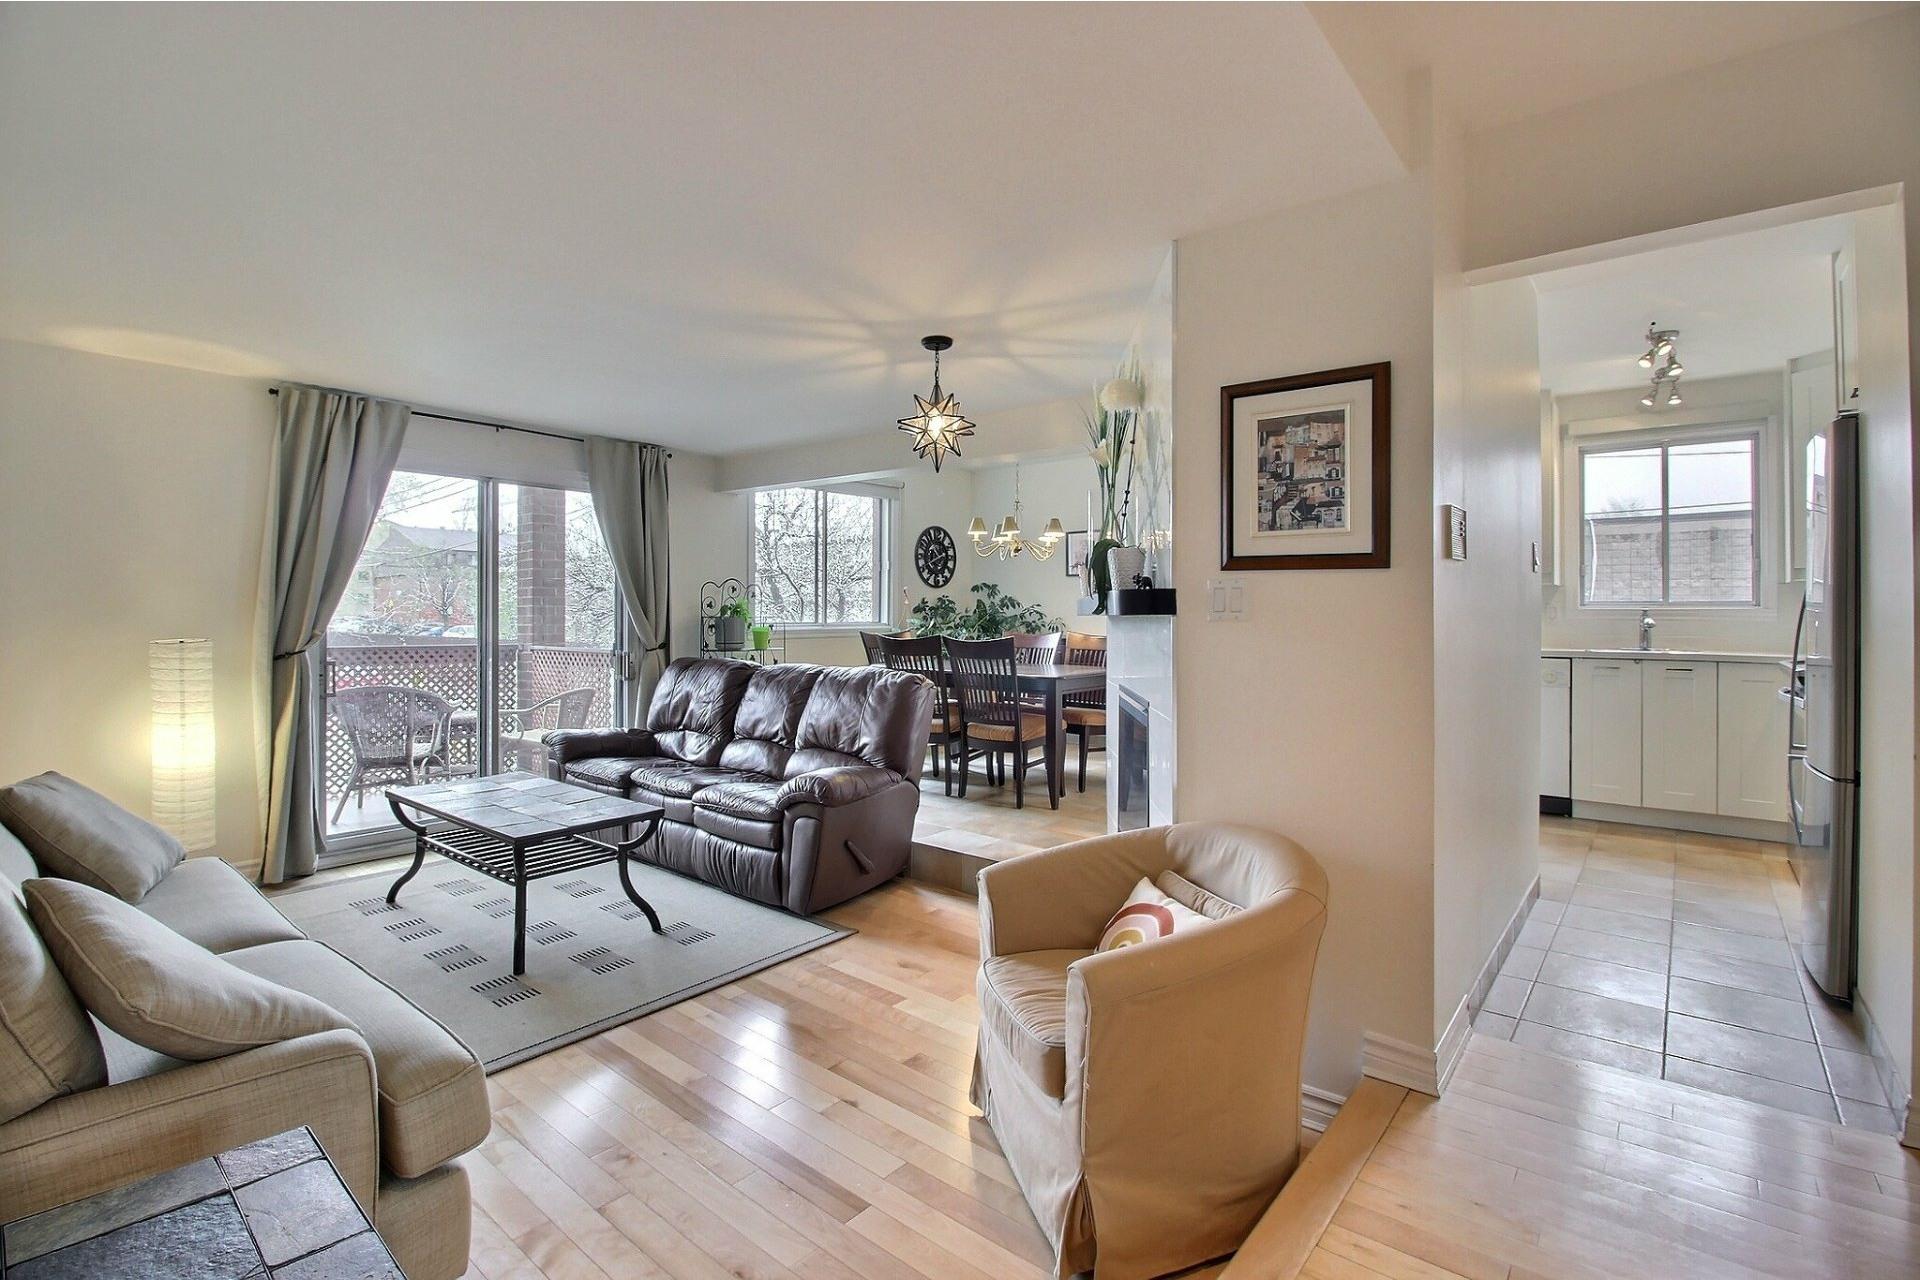 image 1 - Appartement À vendre Rivière-des-Prairies/Pointe-aux-Trembles Montréal  - 5 pièces